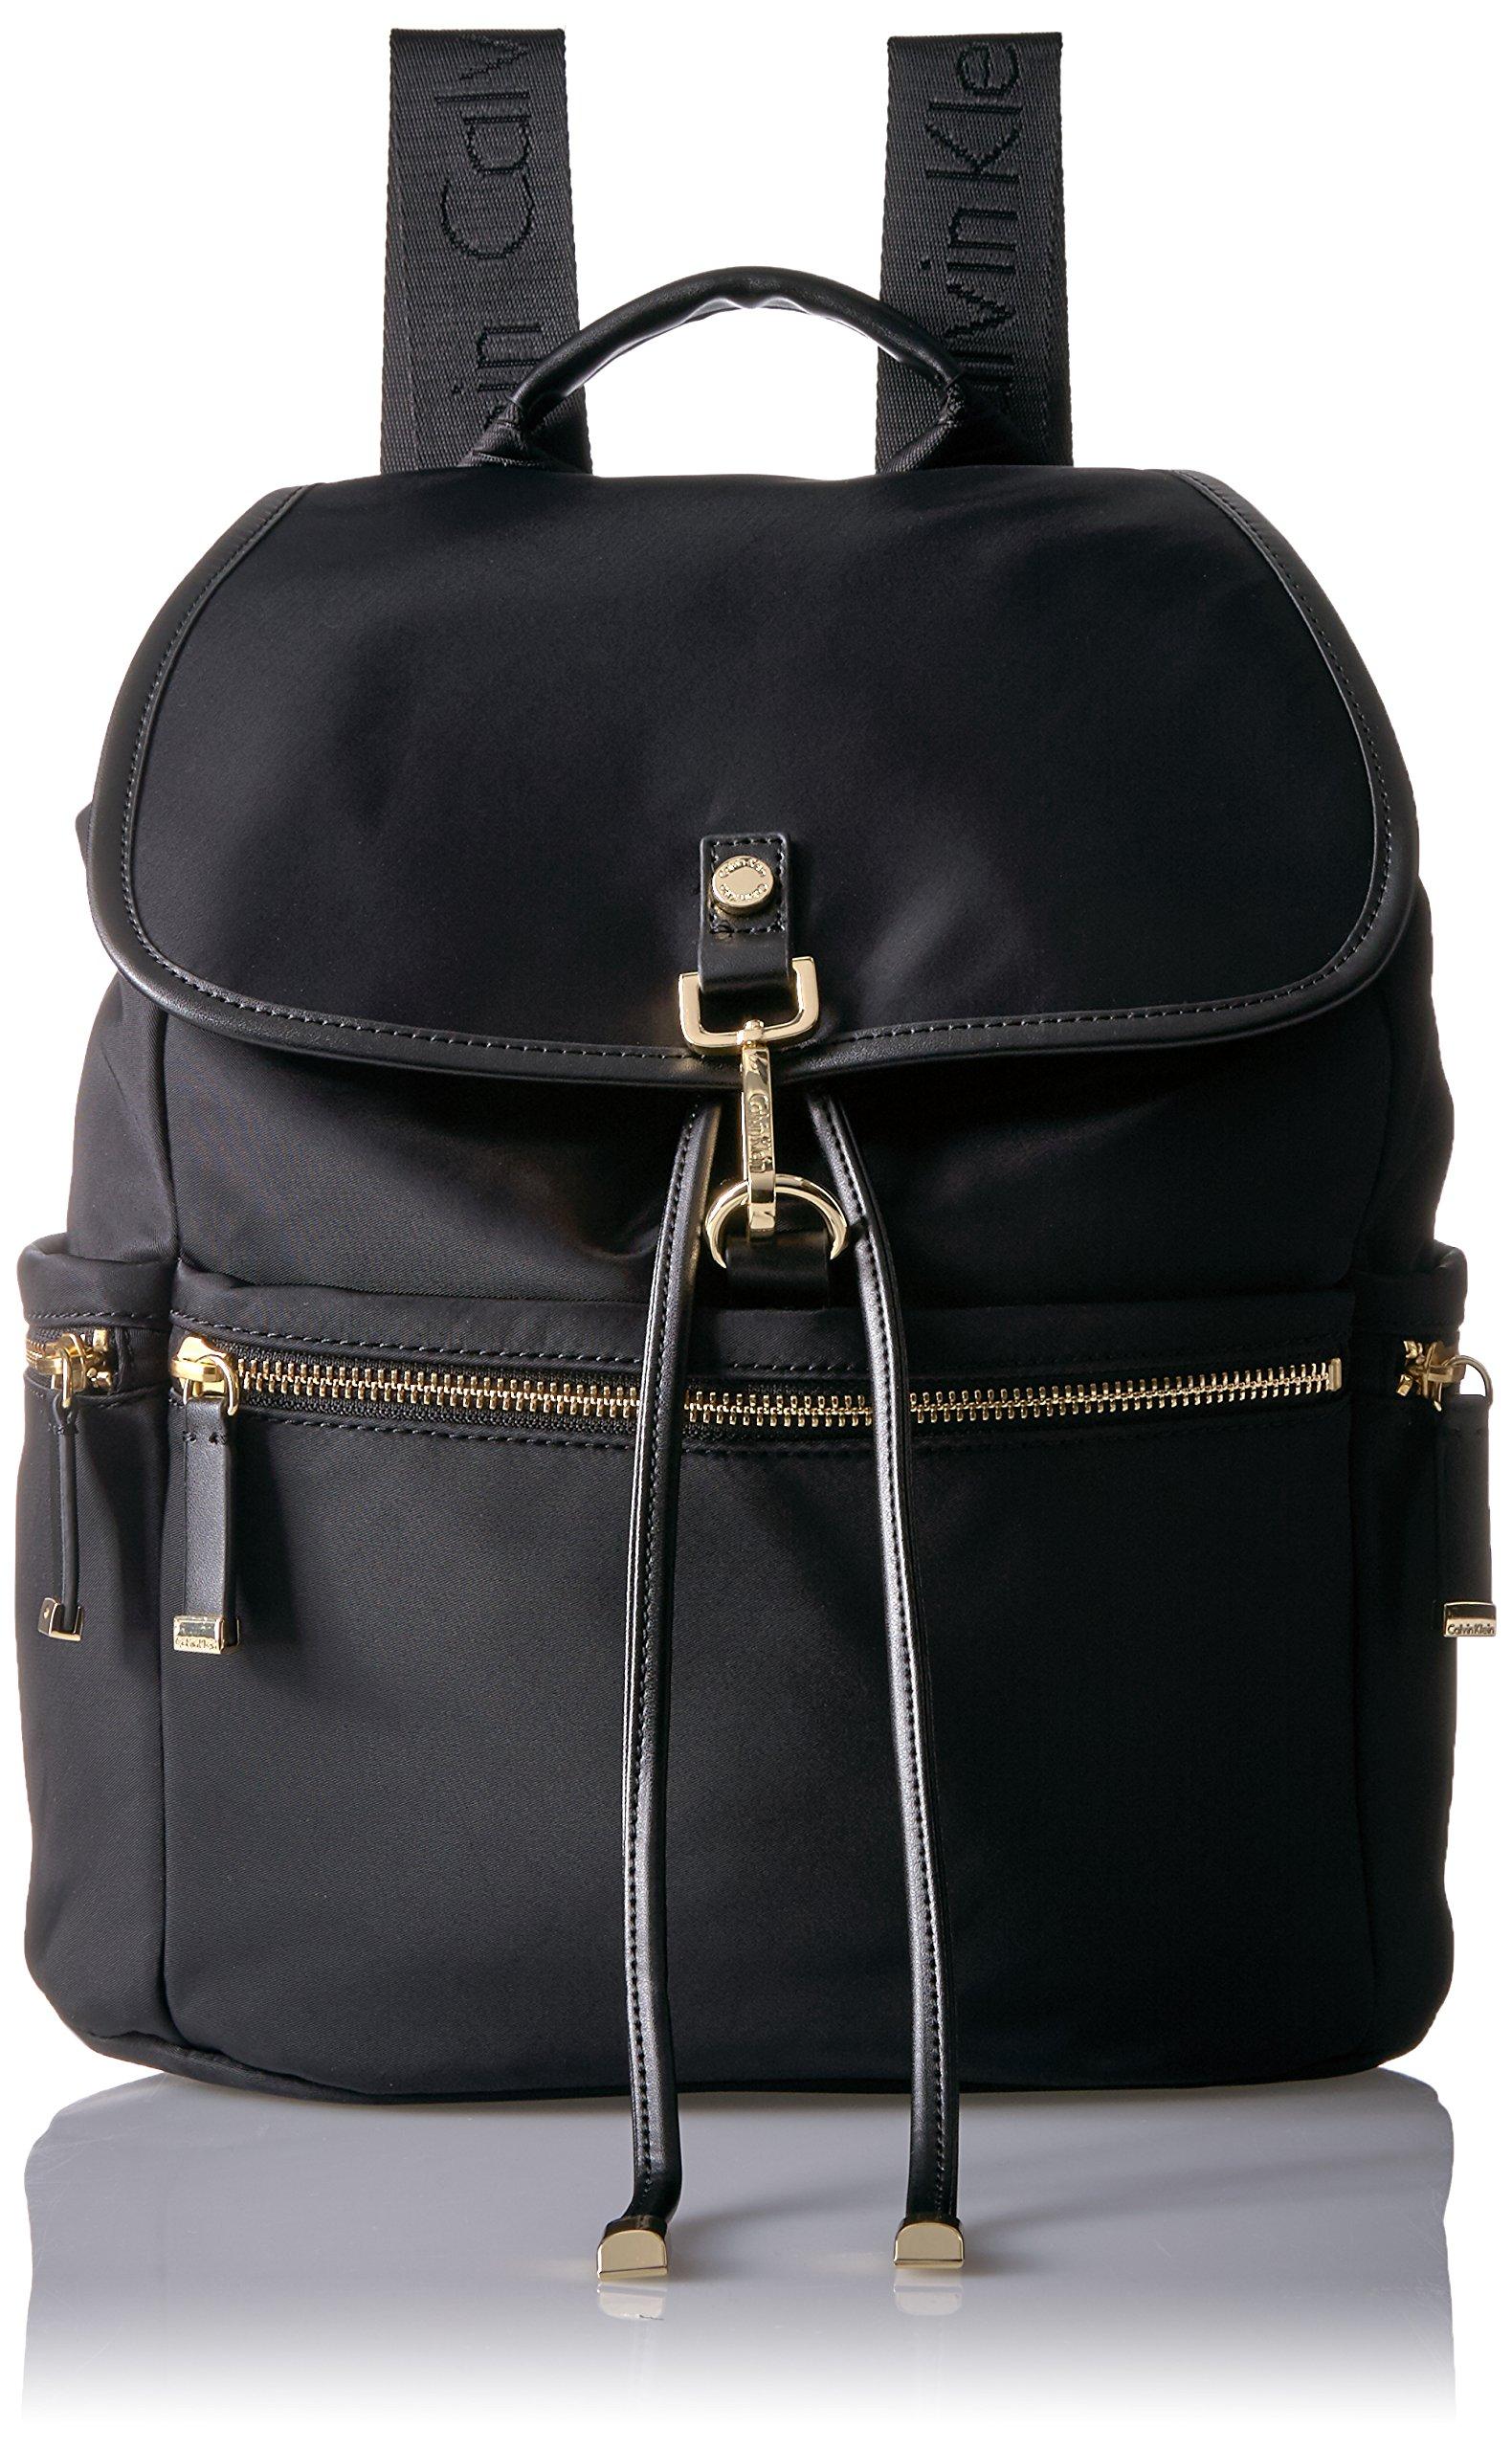 Calvin Klein Lianna Nylon Flap Over Backpack Shoulder Bag, BLACK/GOLD, One Size